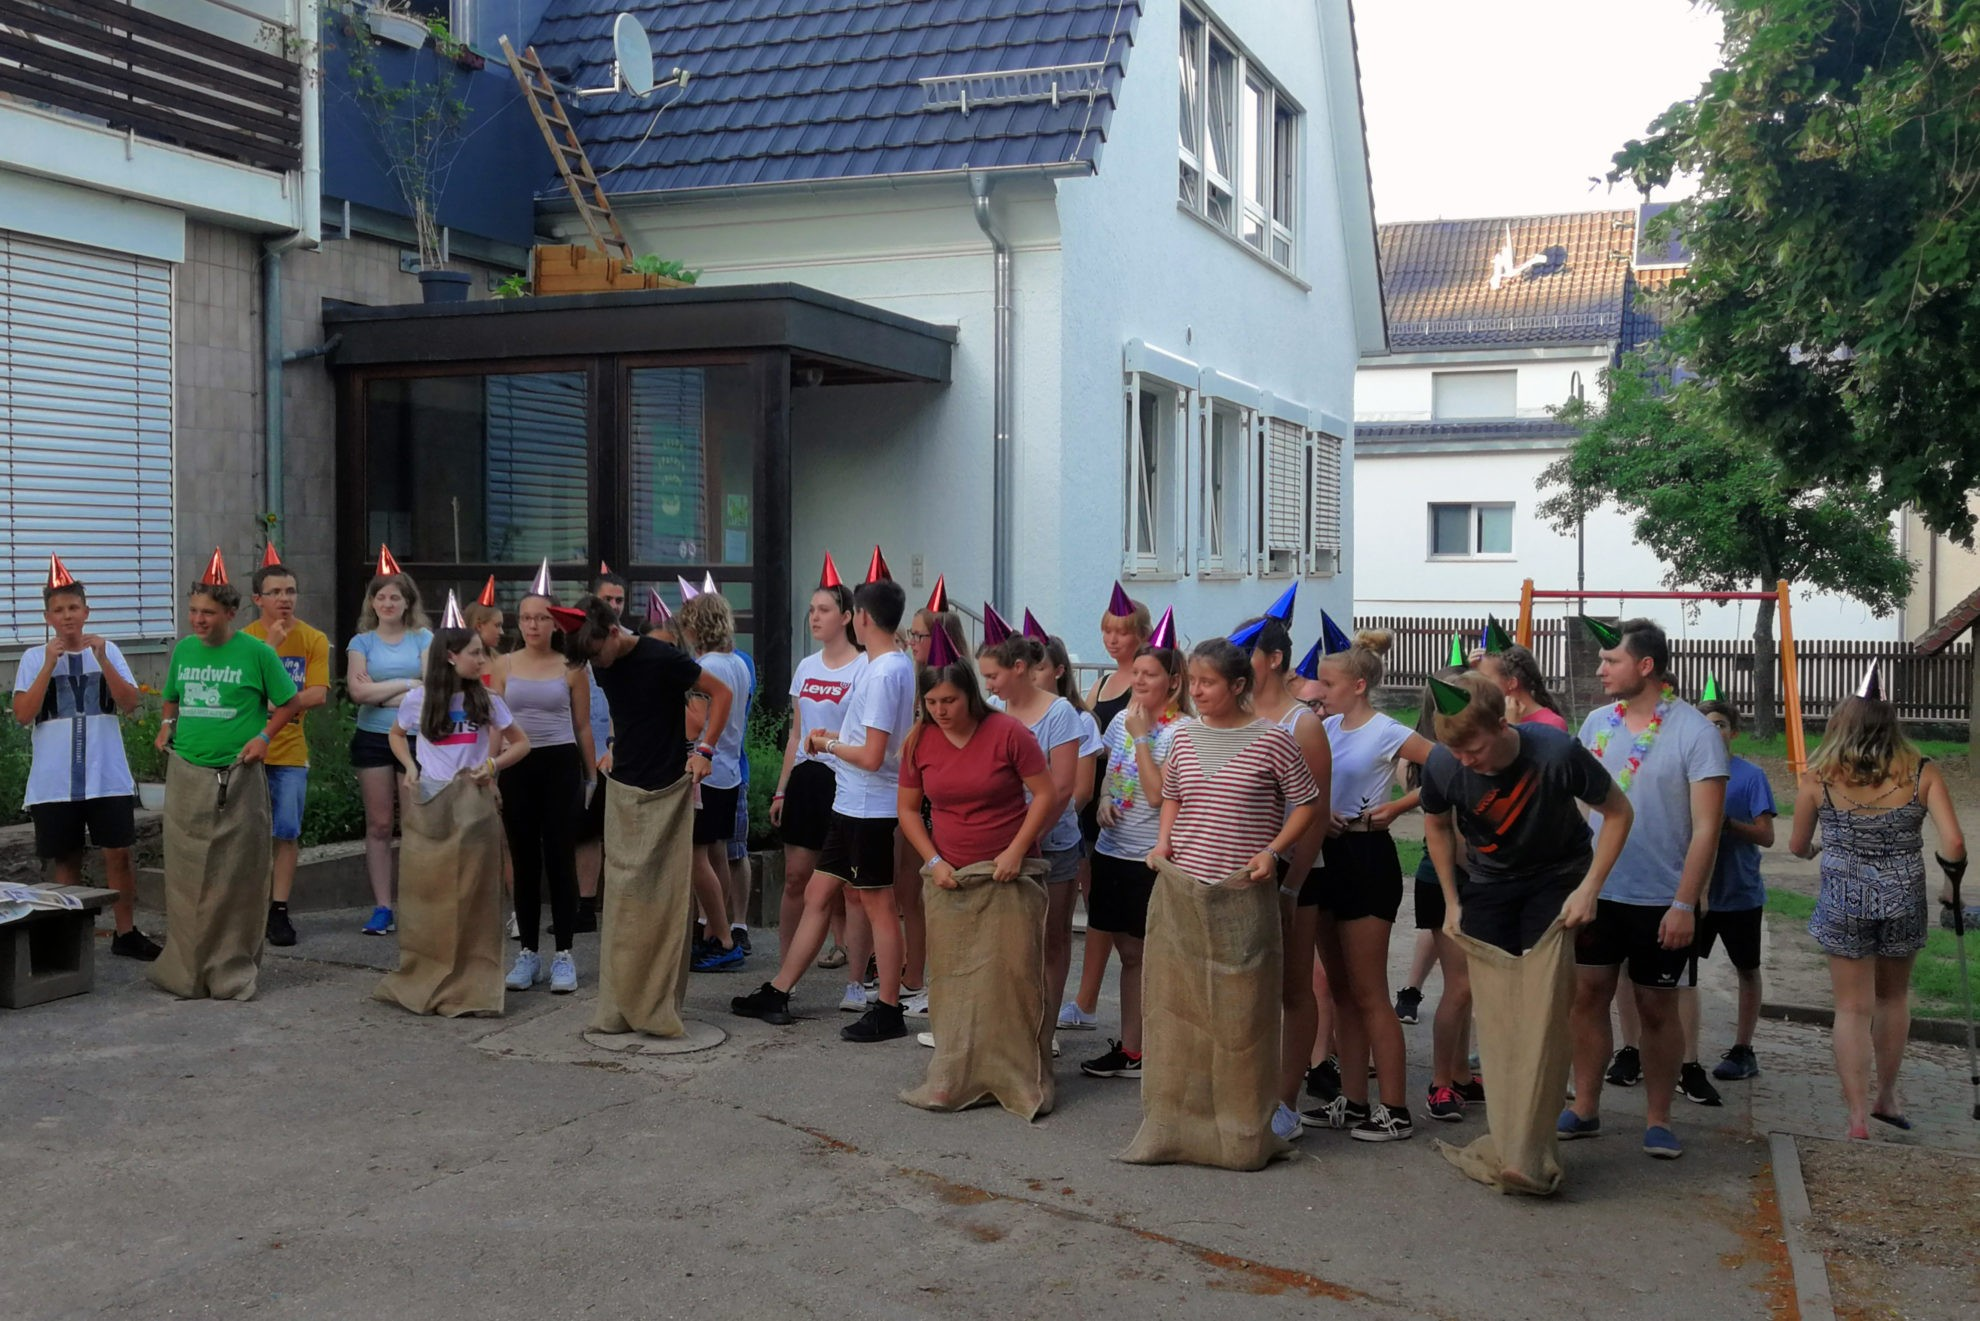 Evangelische Jugend Öschelbronn Kirche Pforzheim Jugendarbeit Kindergeburtstag